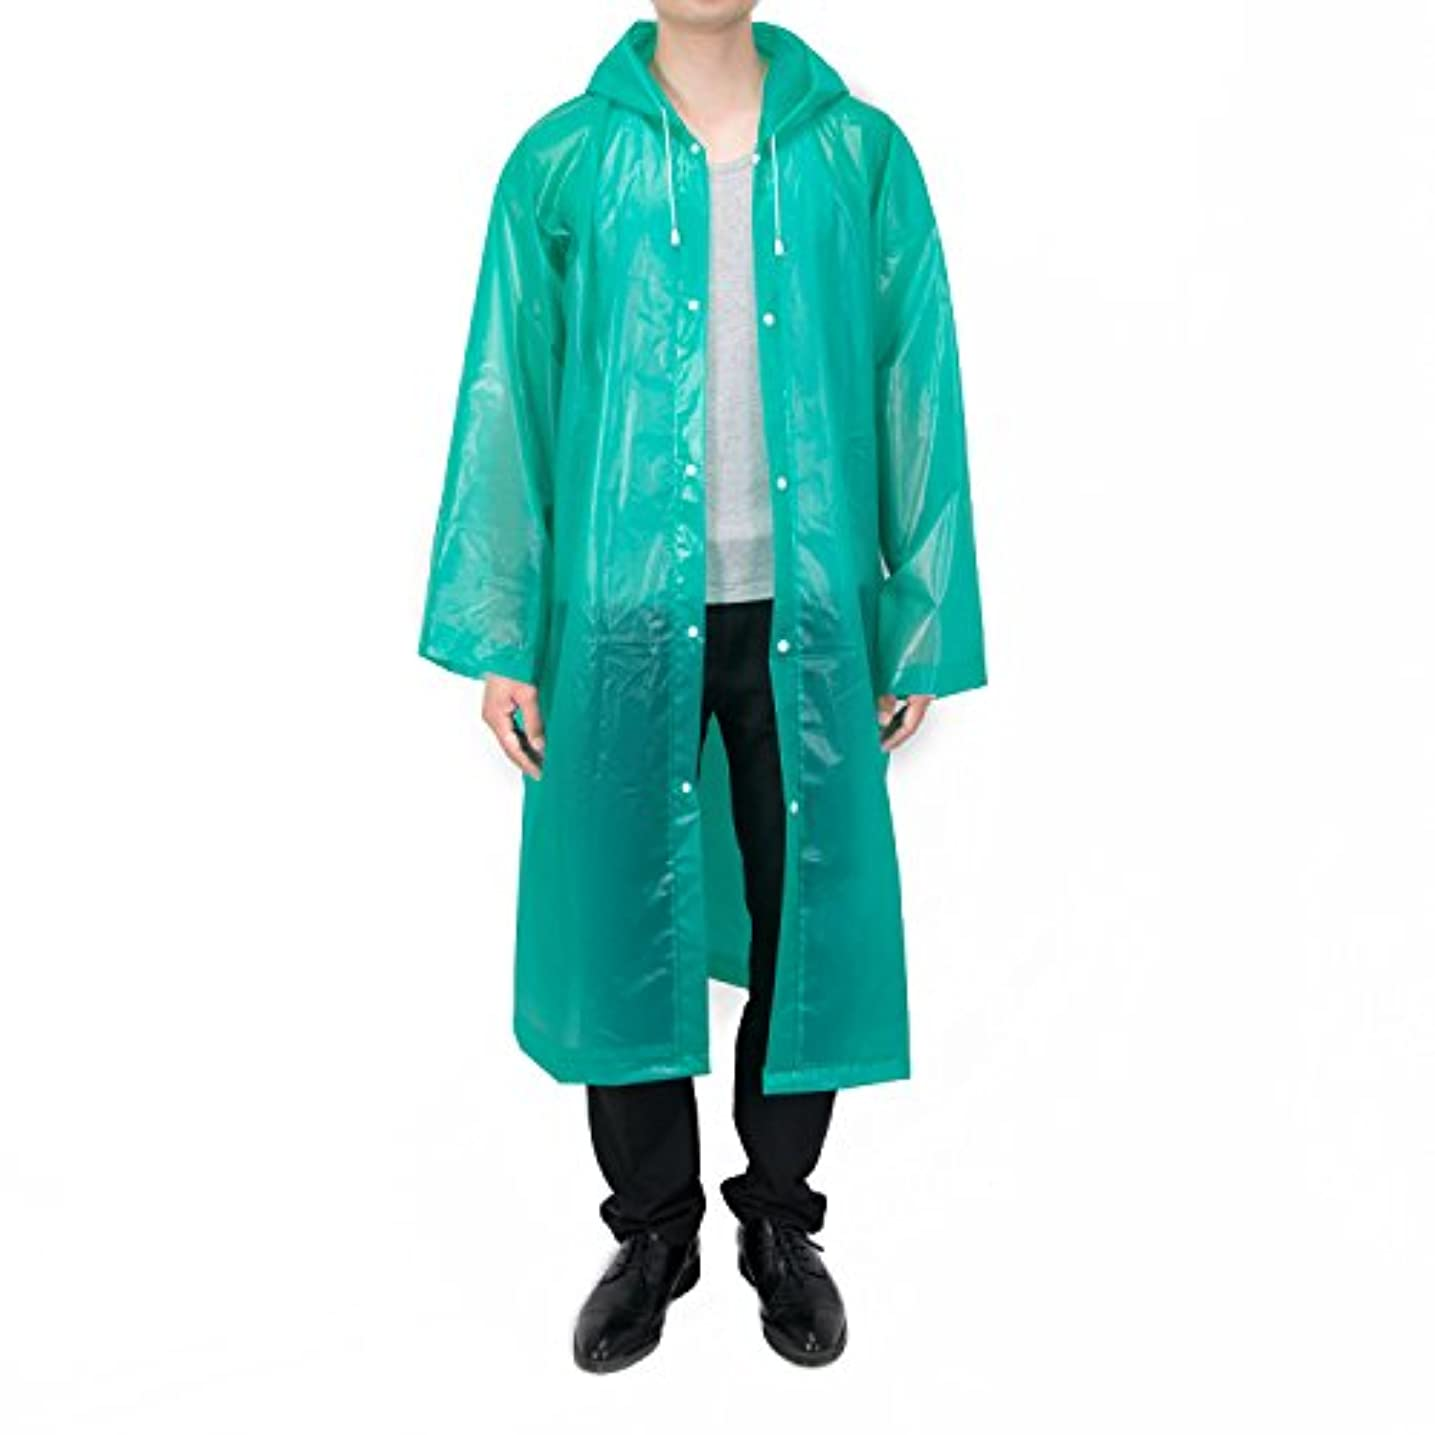 技術ペルソナ火曜日VANCOOLファッション耐久性Eva雨コート雨ポンチョユニセックスメンズレディースwithフードと袖、再利用可能な、ポータブル、折りたたみ式。